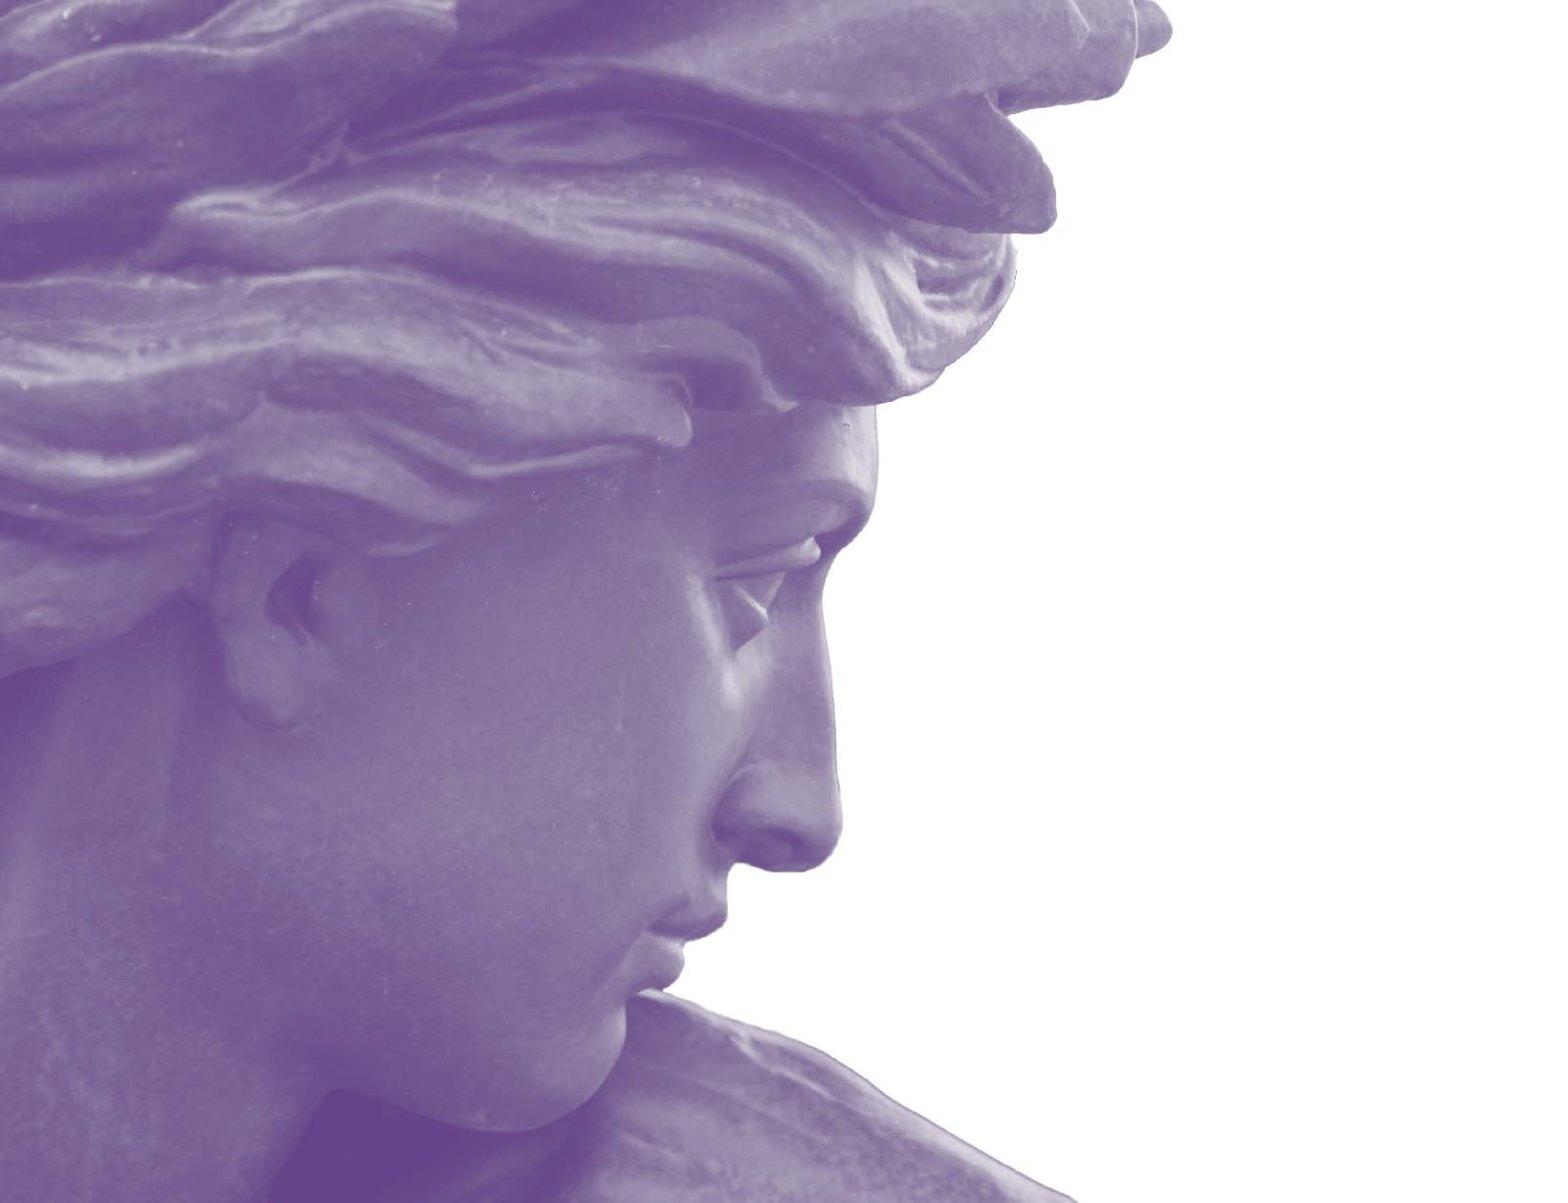 Lancement de la campagne 100 femmes et des milliers d'autres – Mardi 10 mars 2020 à 18h00 Théâtre d'architecture du Campus de Mendrisio (TI)